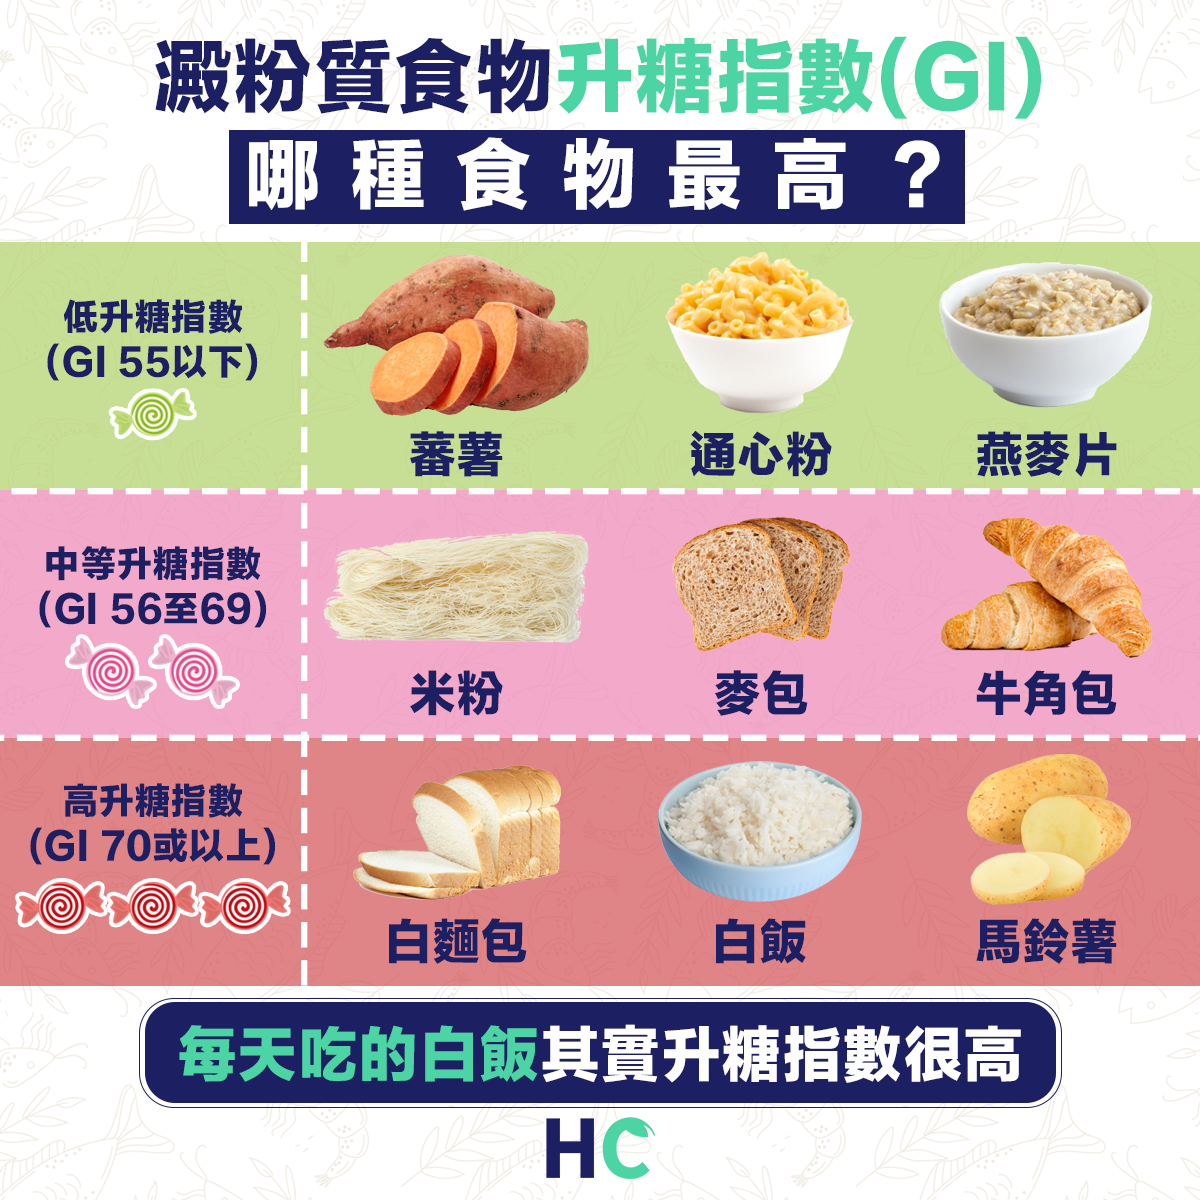 【#營養食物】澱粉質食物升糖指數(GI) 哪種食物最高?